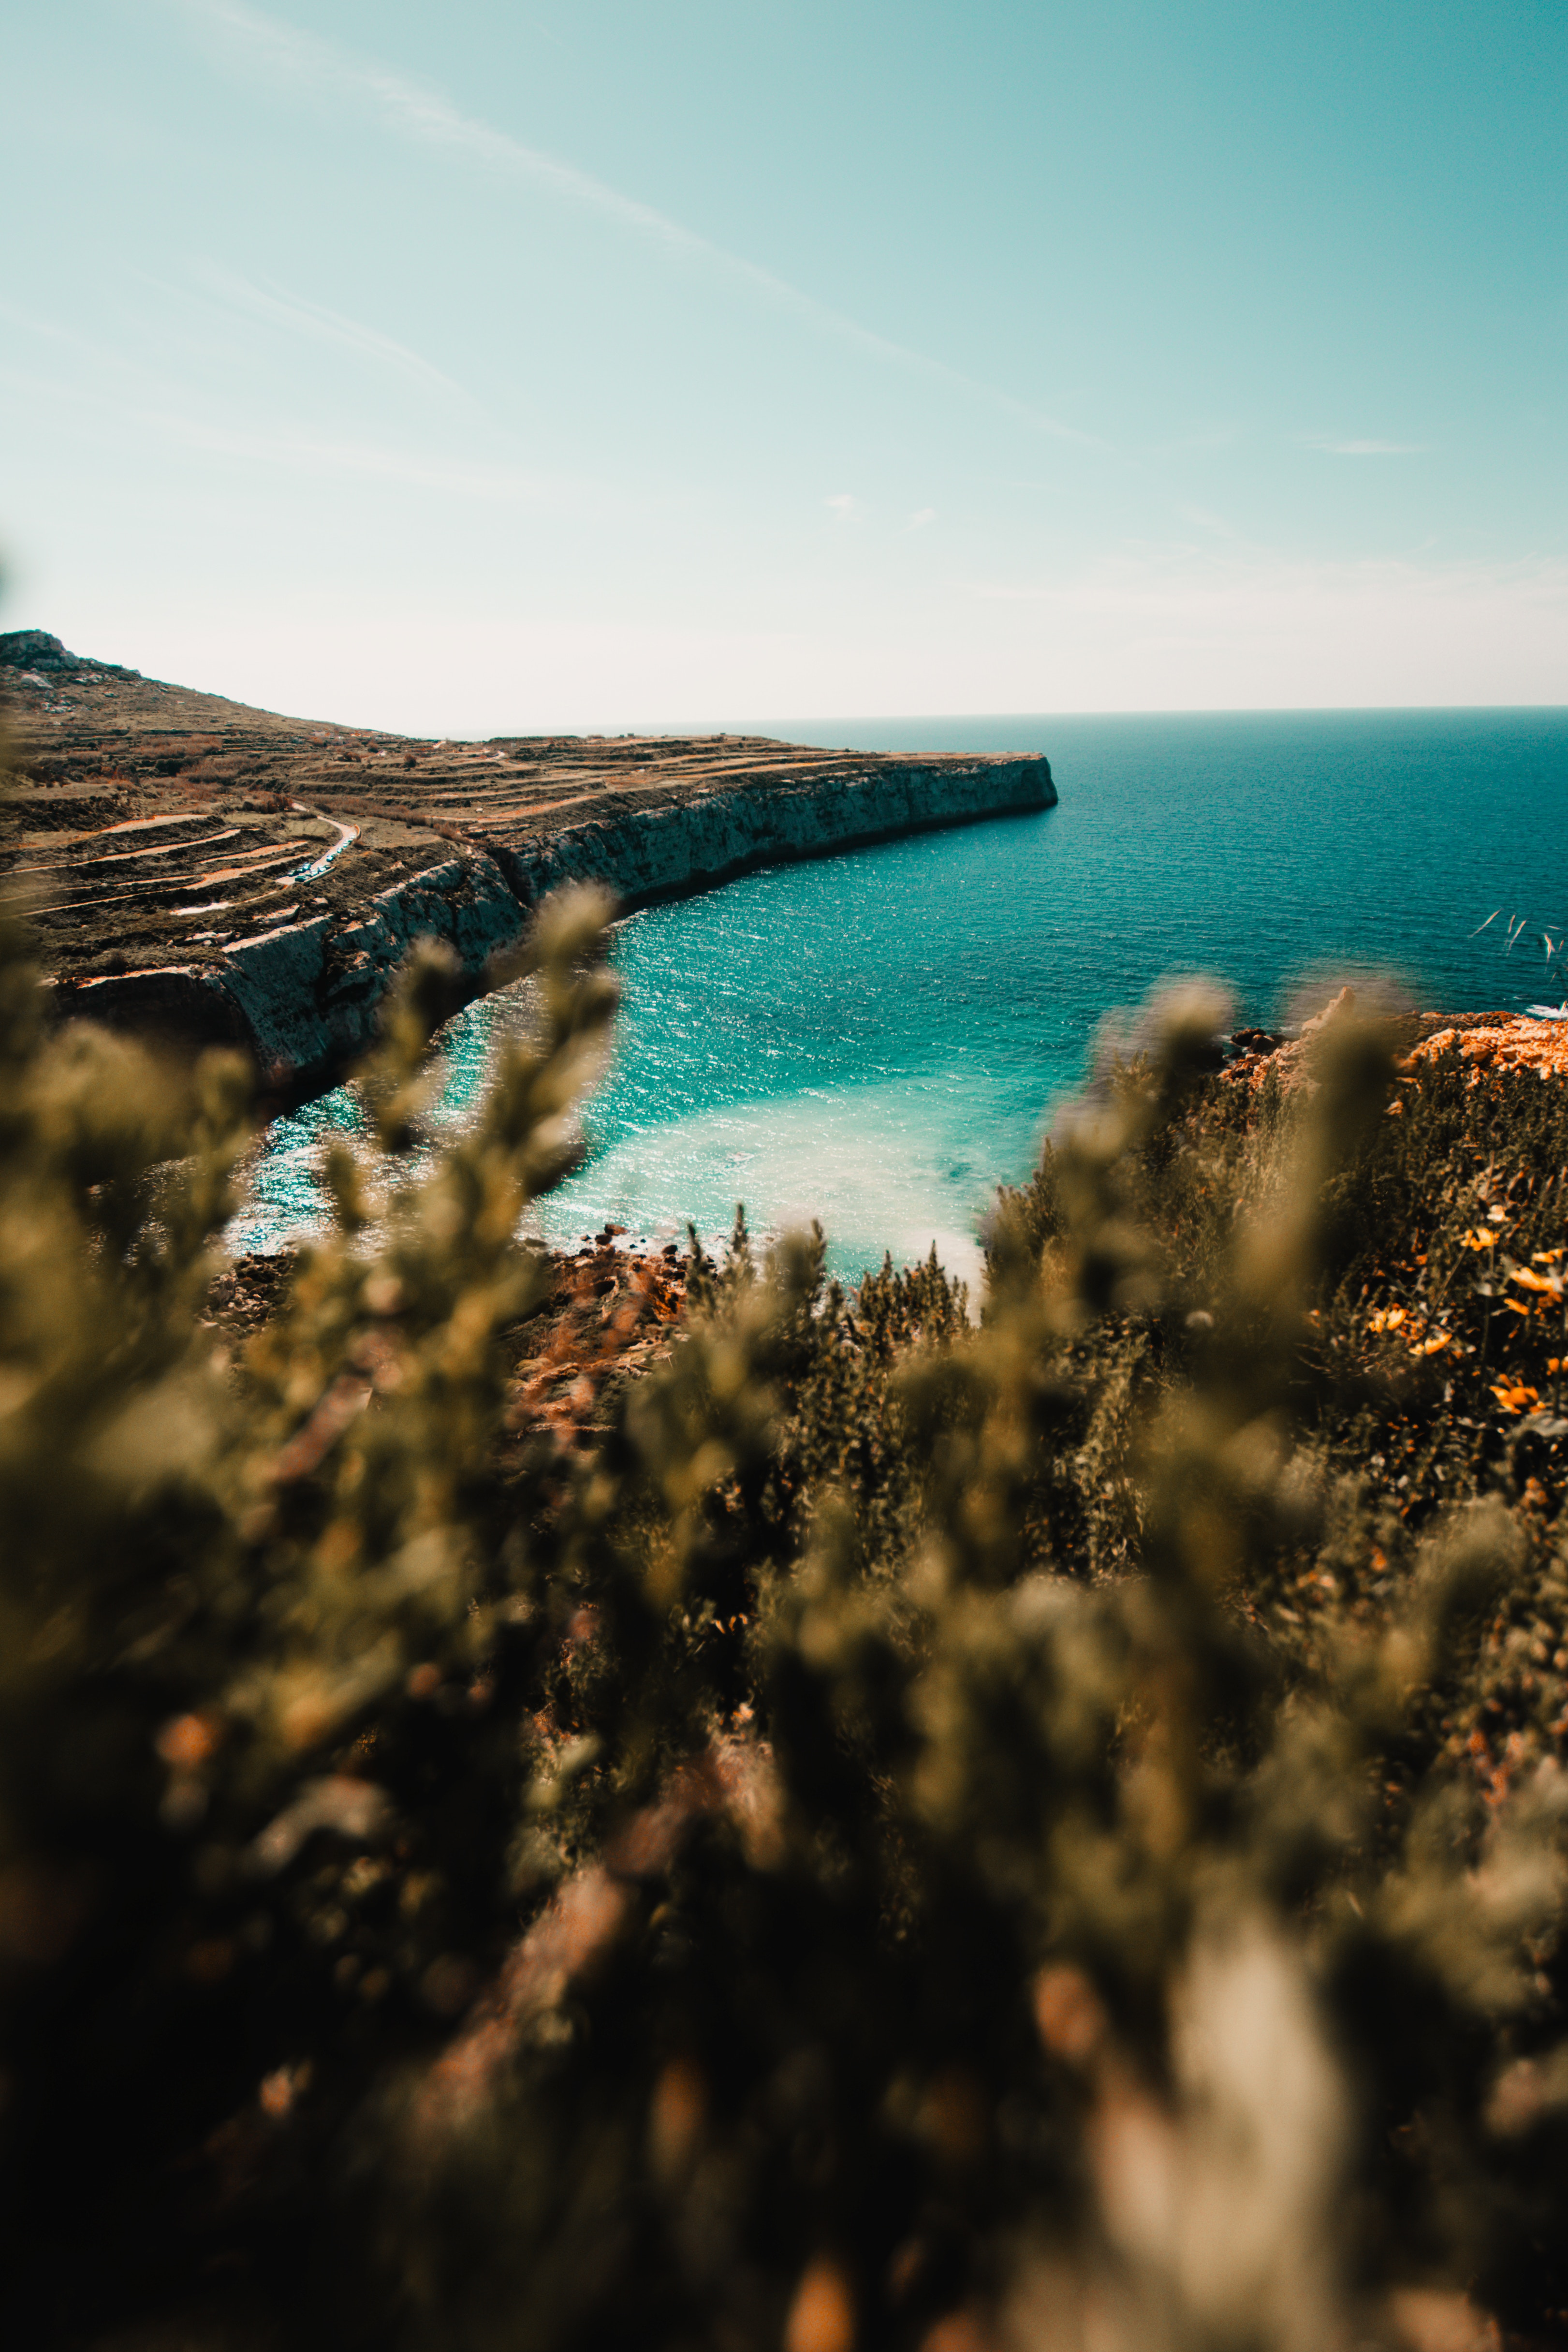 74411 скачать обои Природа, Берег, Море, Утес, Каменный, Вода, Растения - заставки и картинки бесплатно